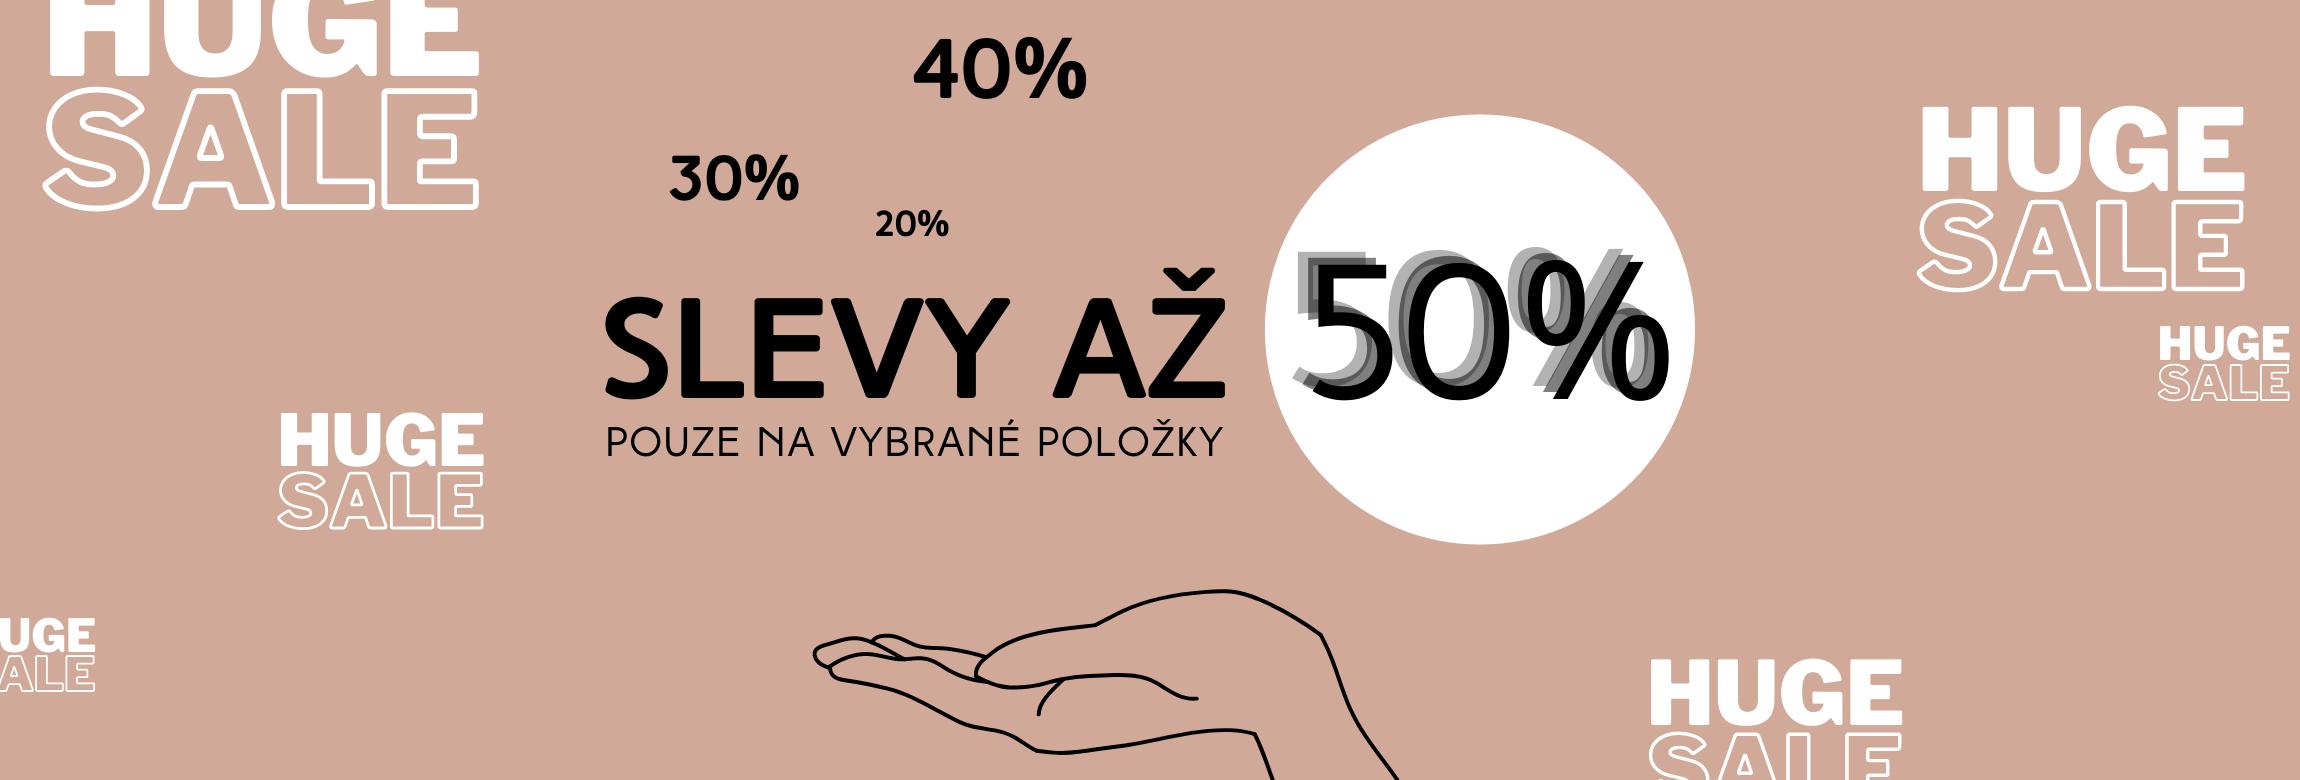 Slevy až 50%